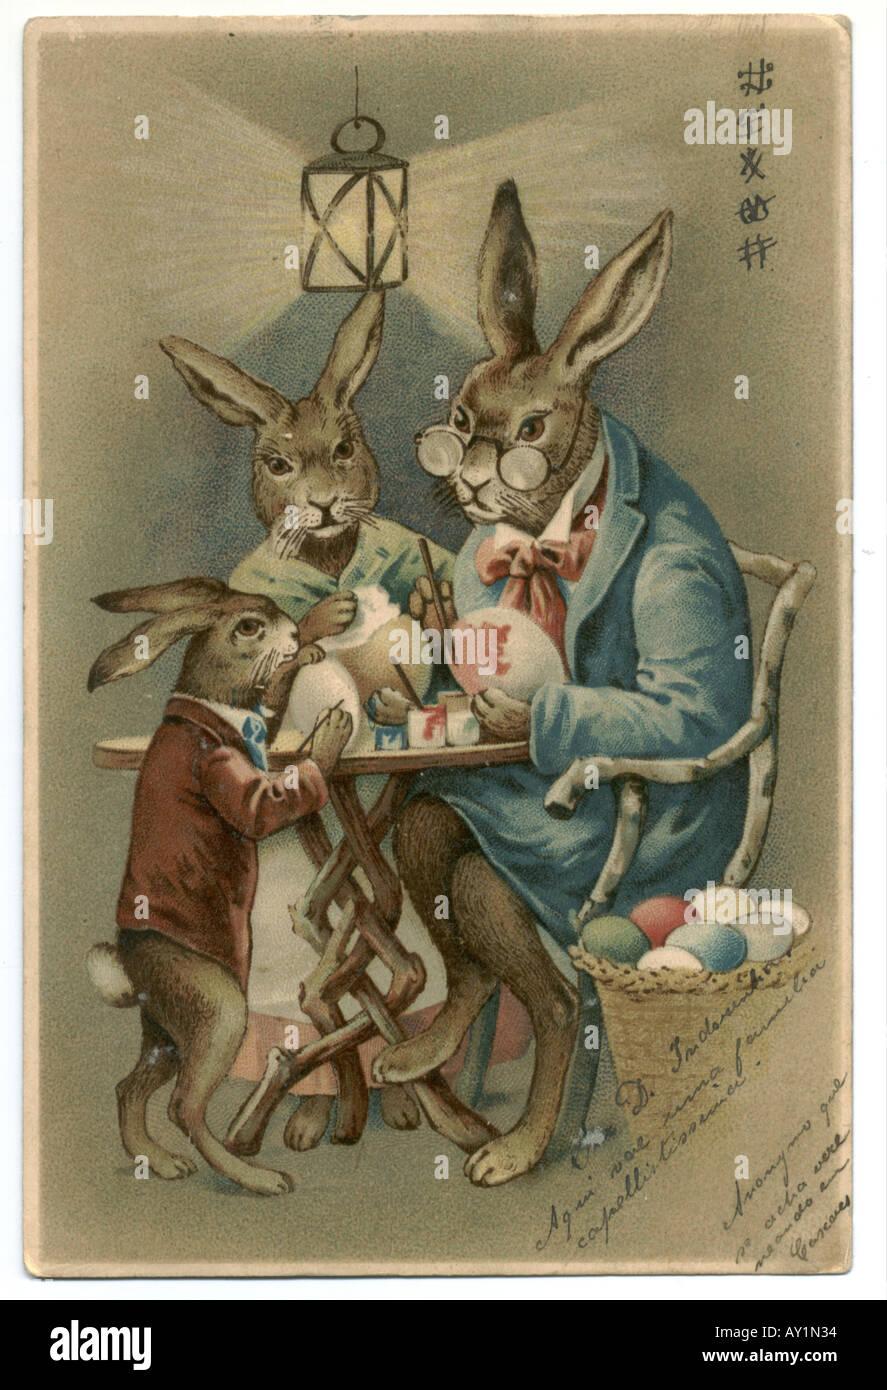 Tarjeta de felicitación de Pascua Rusa de liebre familia pintura de huevos de Pascua 1904 Imagen De Stock